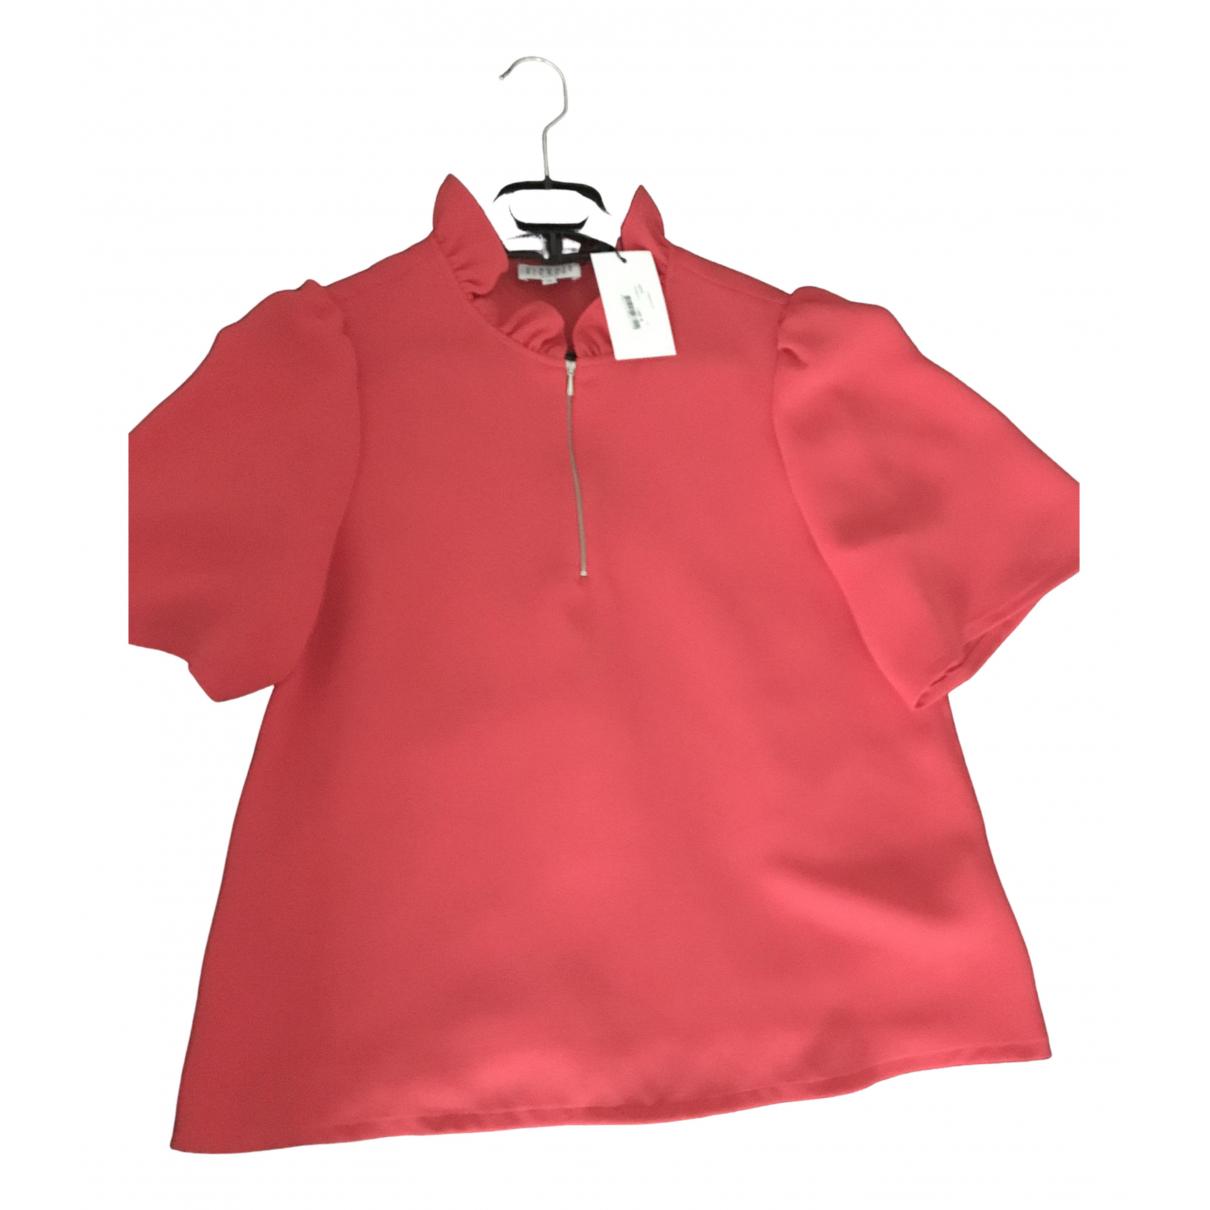 Claudie Pierlot - Top   pour femme - rouge